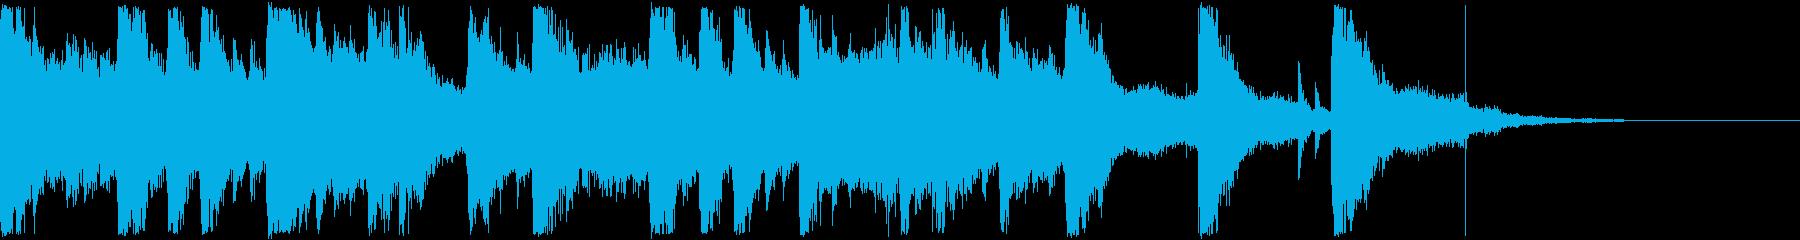 ハロウィン  ためらうおばけの再生済みの波形